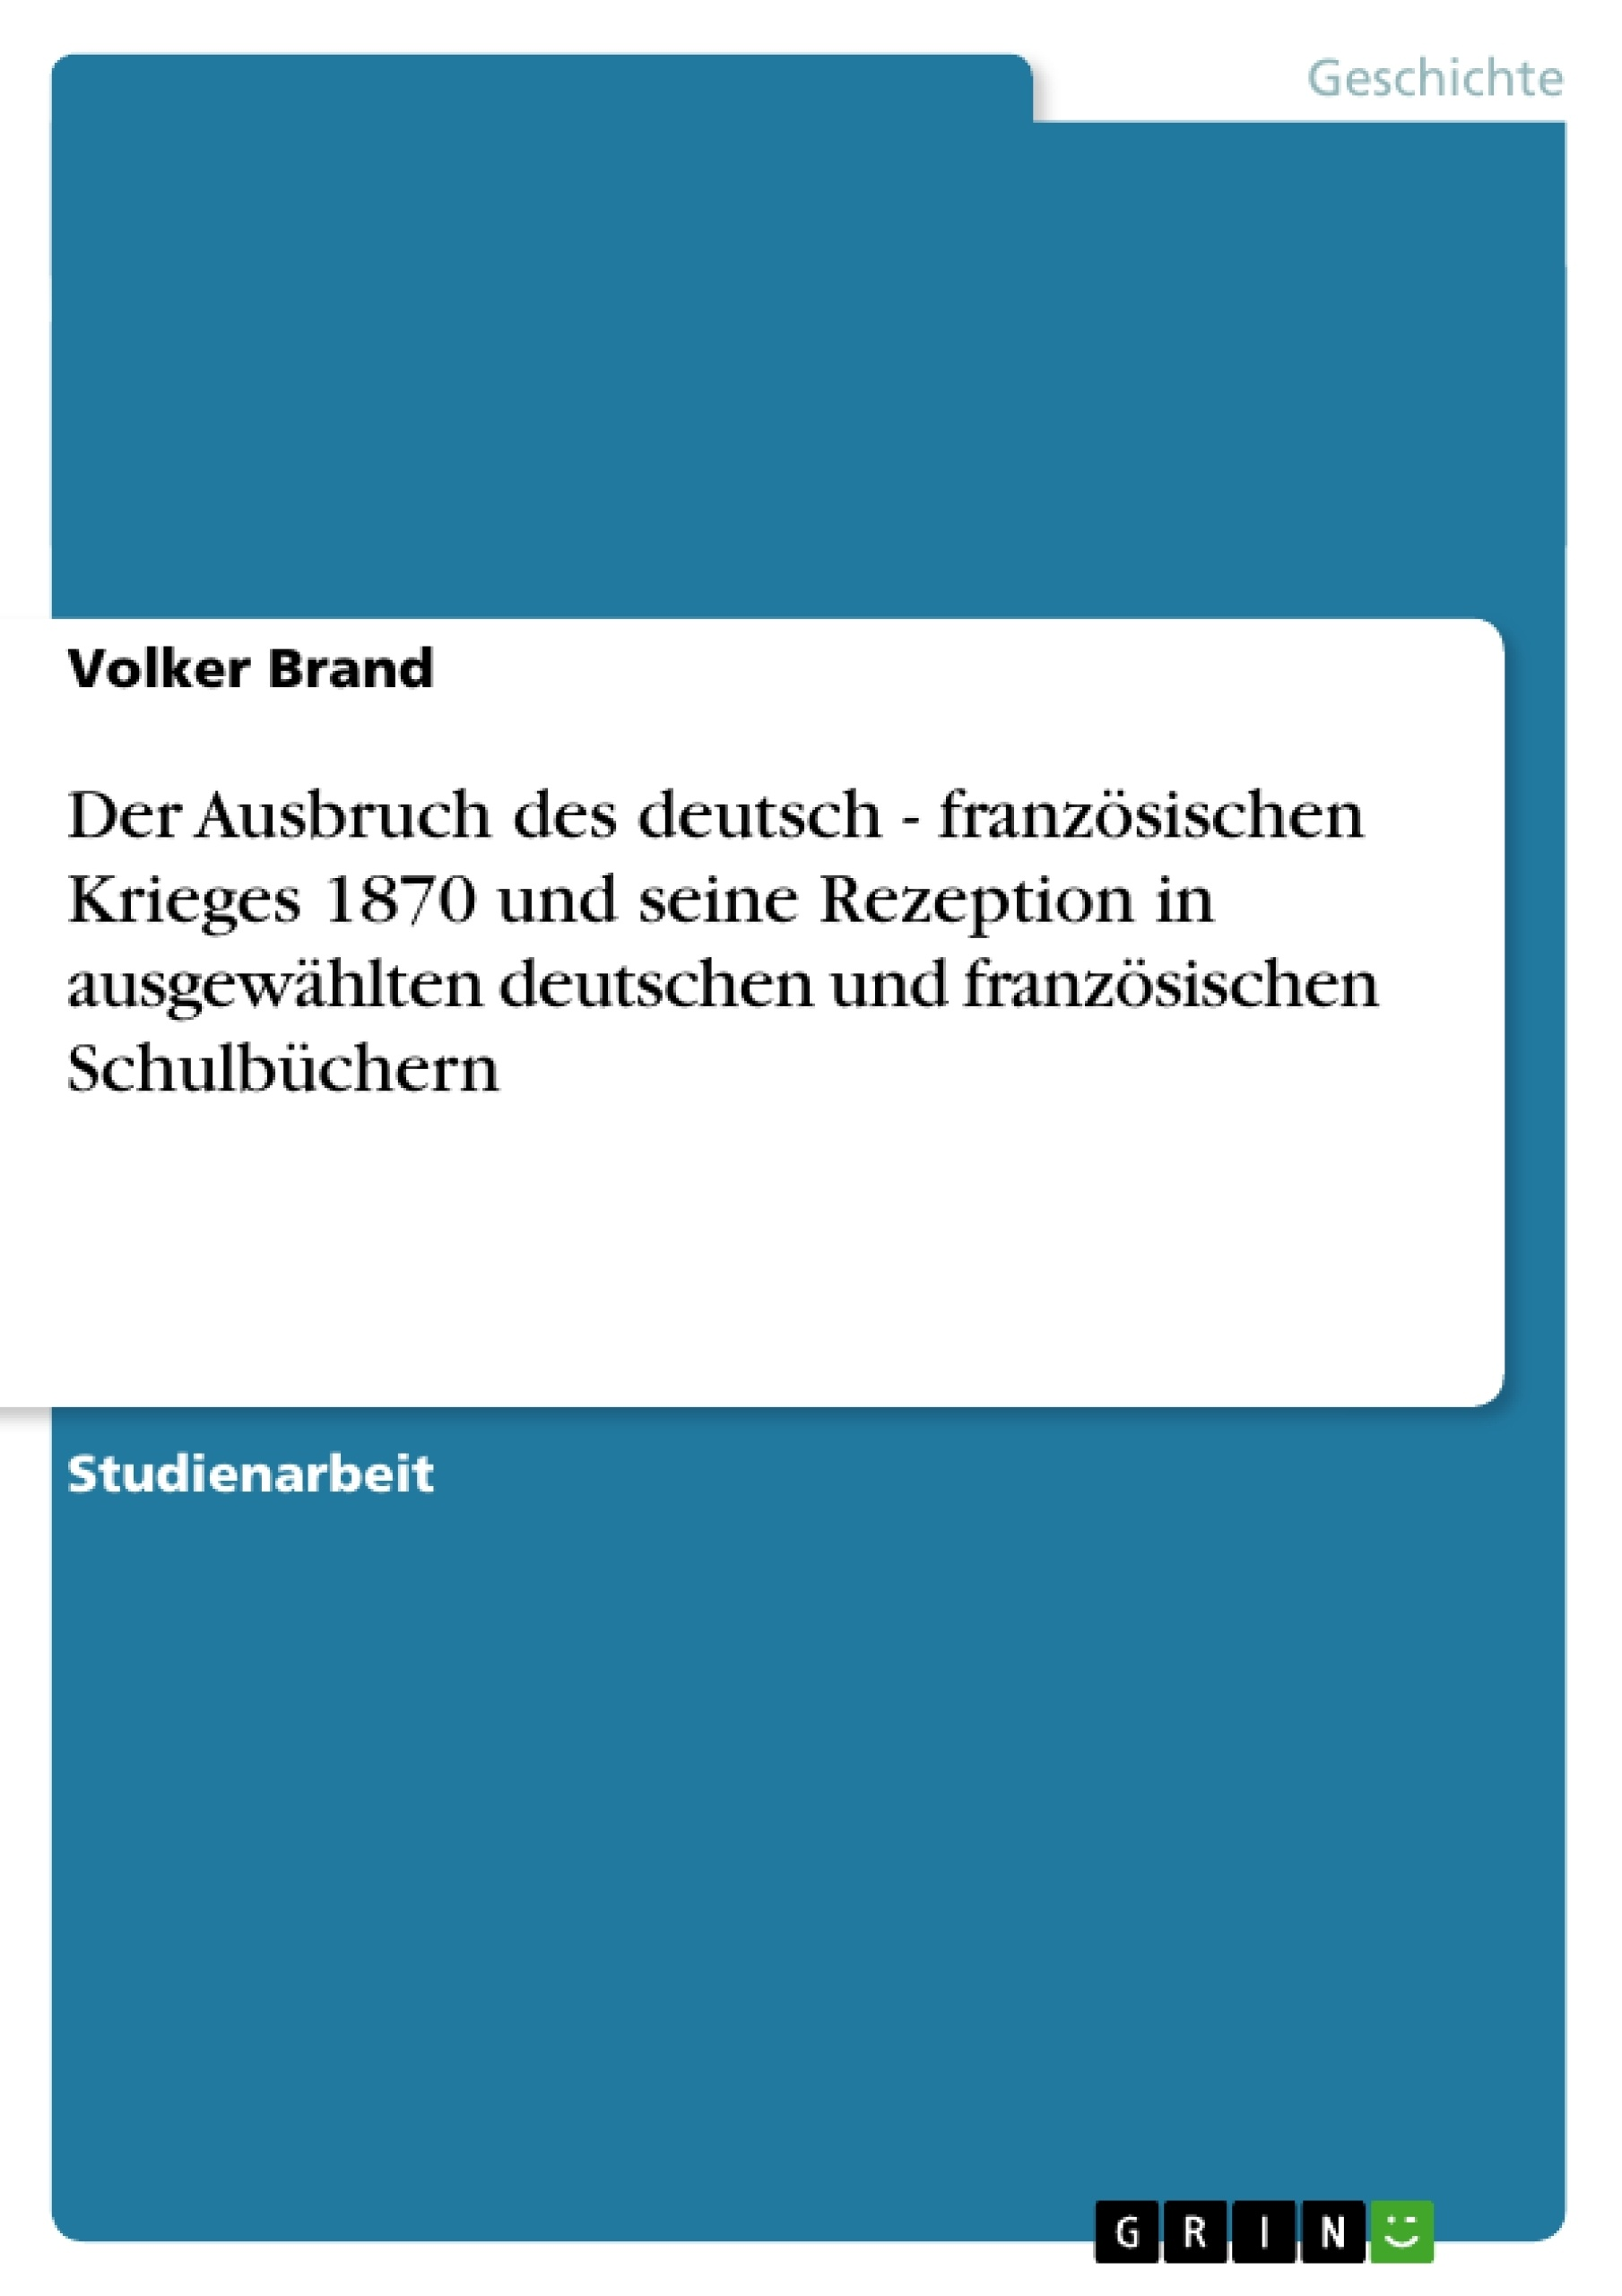 Titel: Der Ausbruch des deutsch - französischen Krieges 1870 und seine Rezeption in ausgewählten deutschen und französischen Schulbüchern